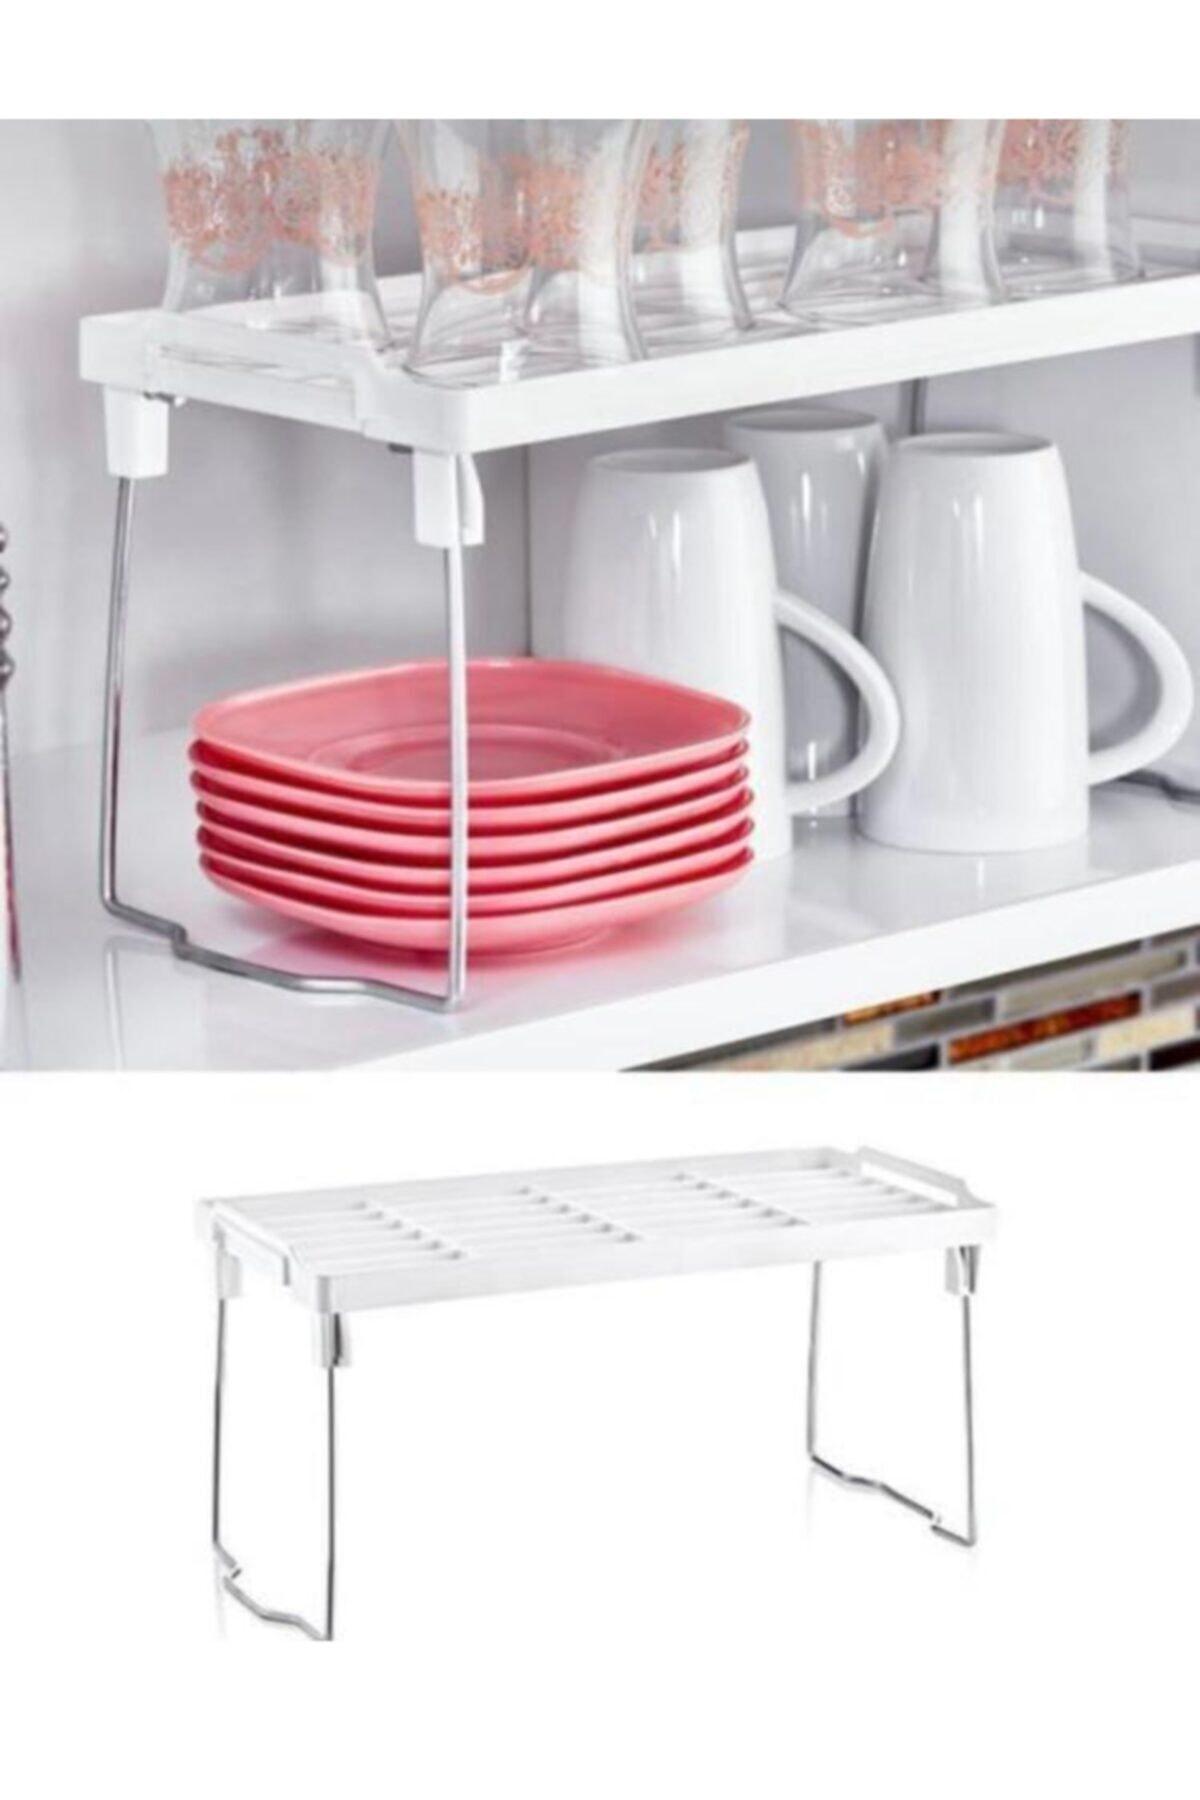 Favori Home 2 Adet Mutfak Masası Tezgah Raf Düzenleyici 1